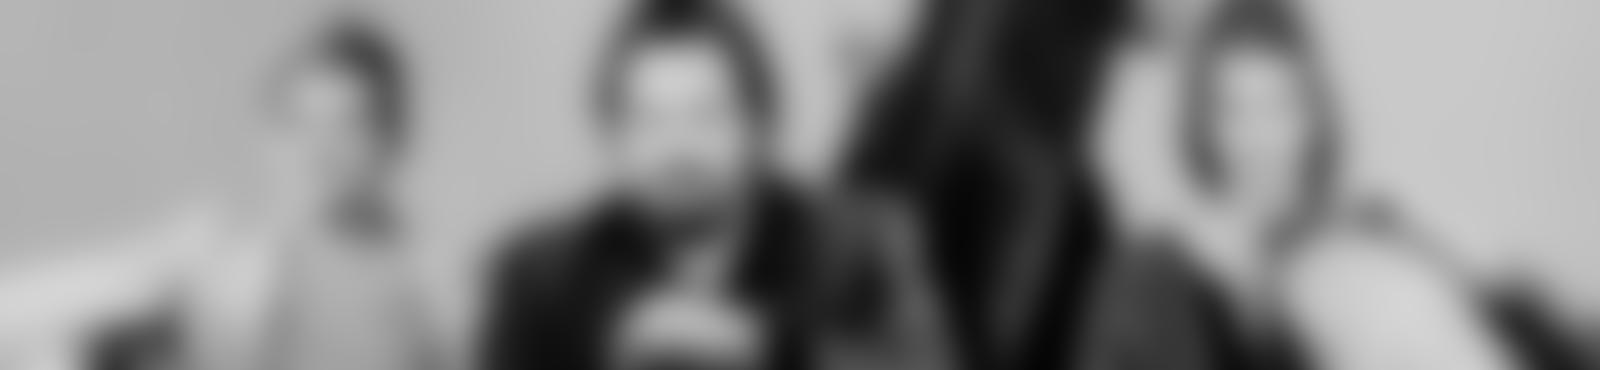 Blurred f4023ffb bcf3 41a4 9728 6307a6203644